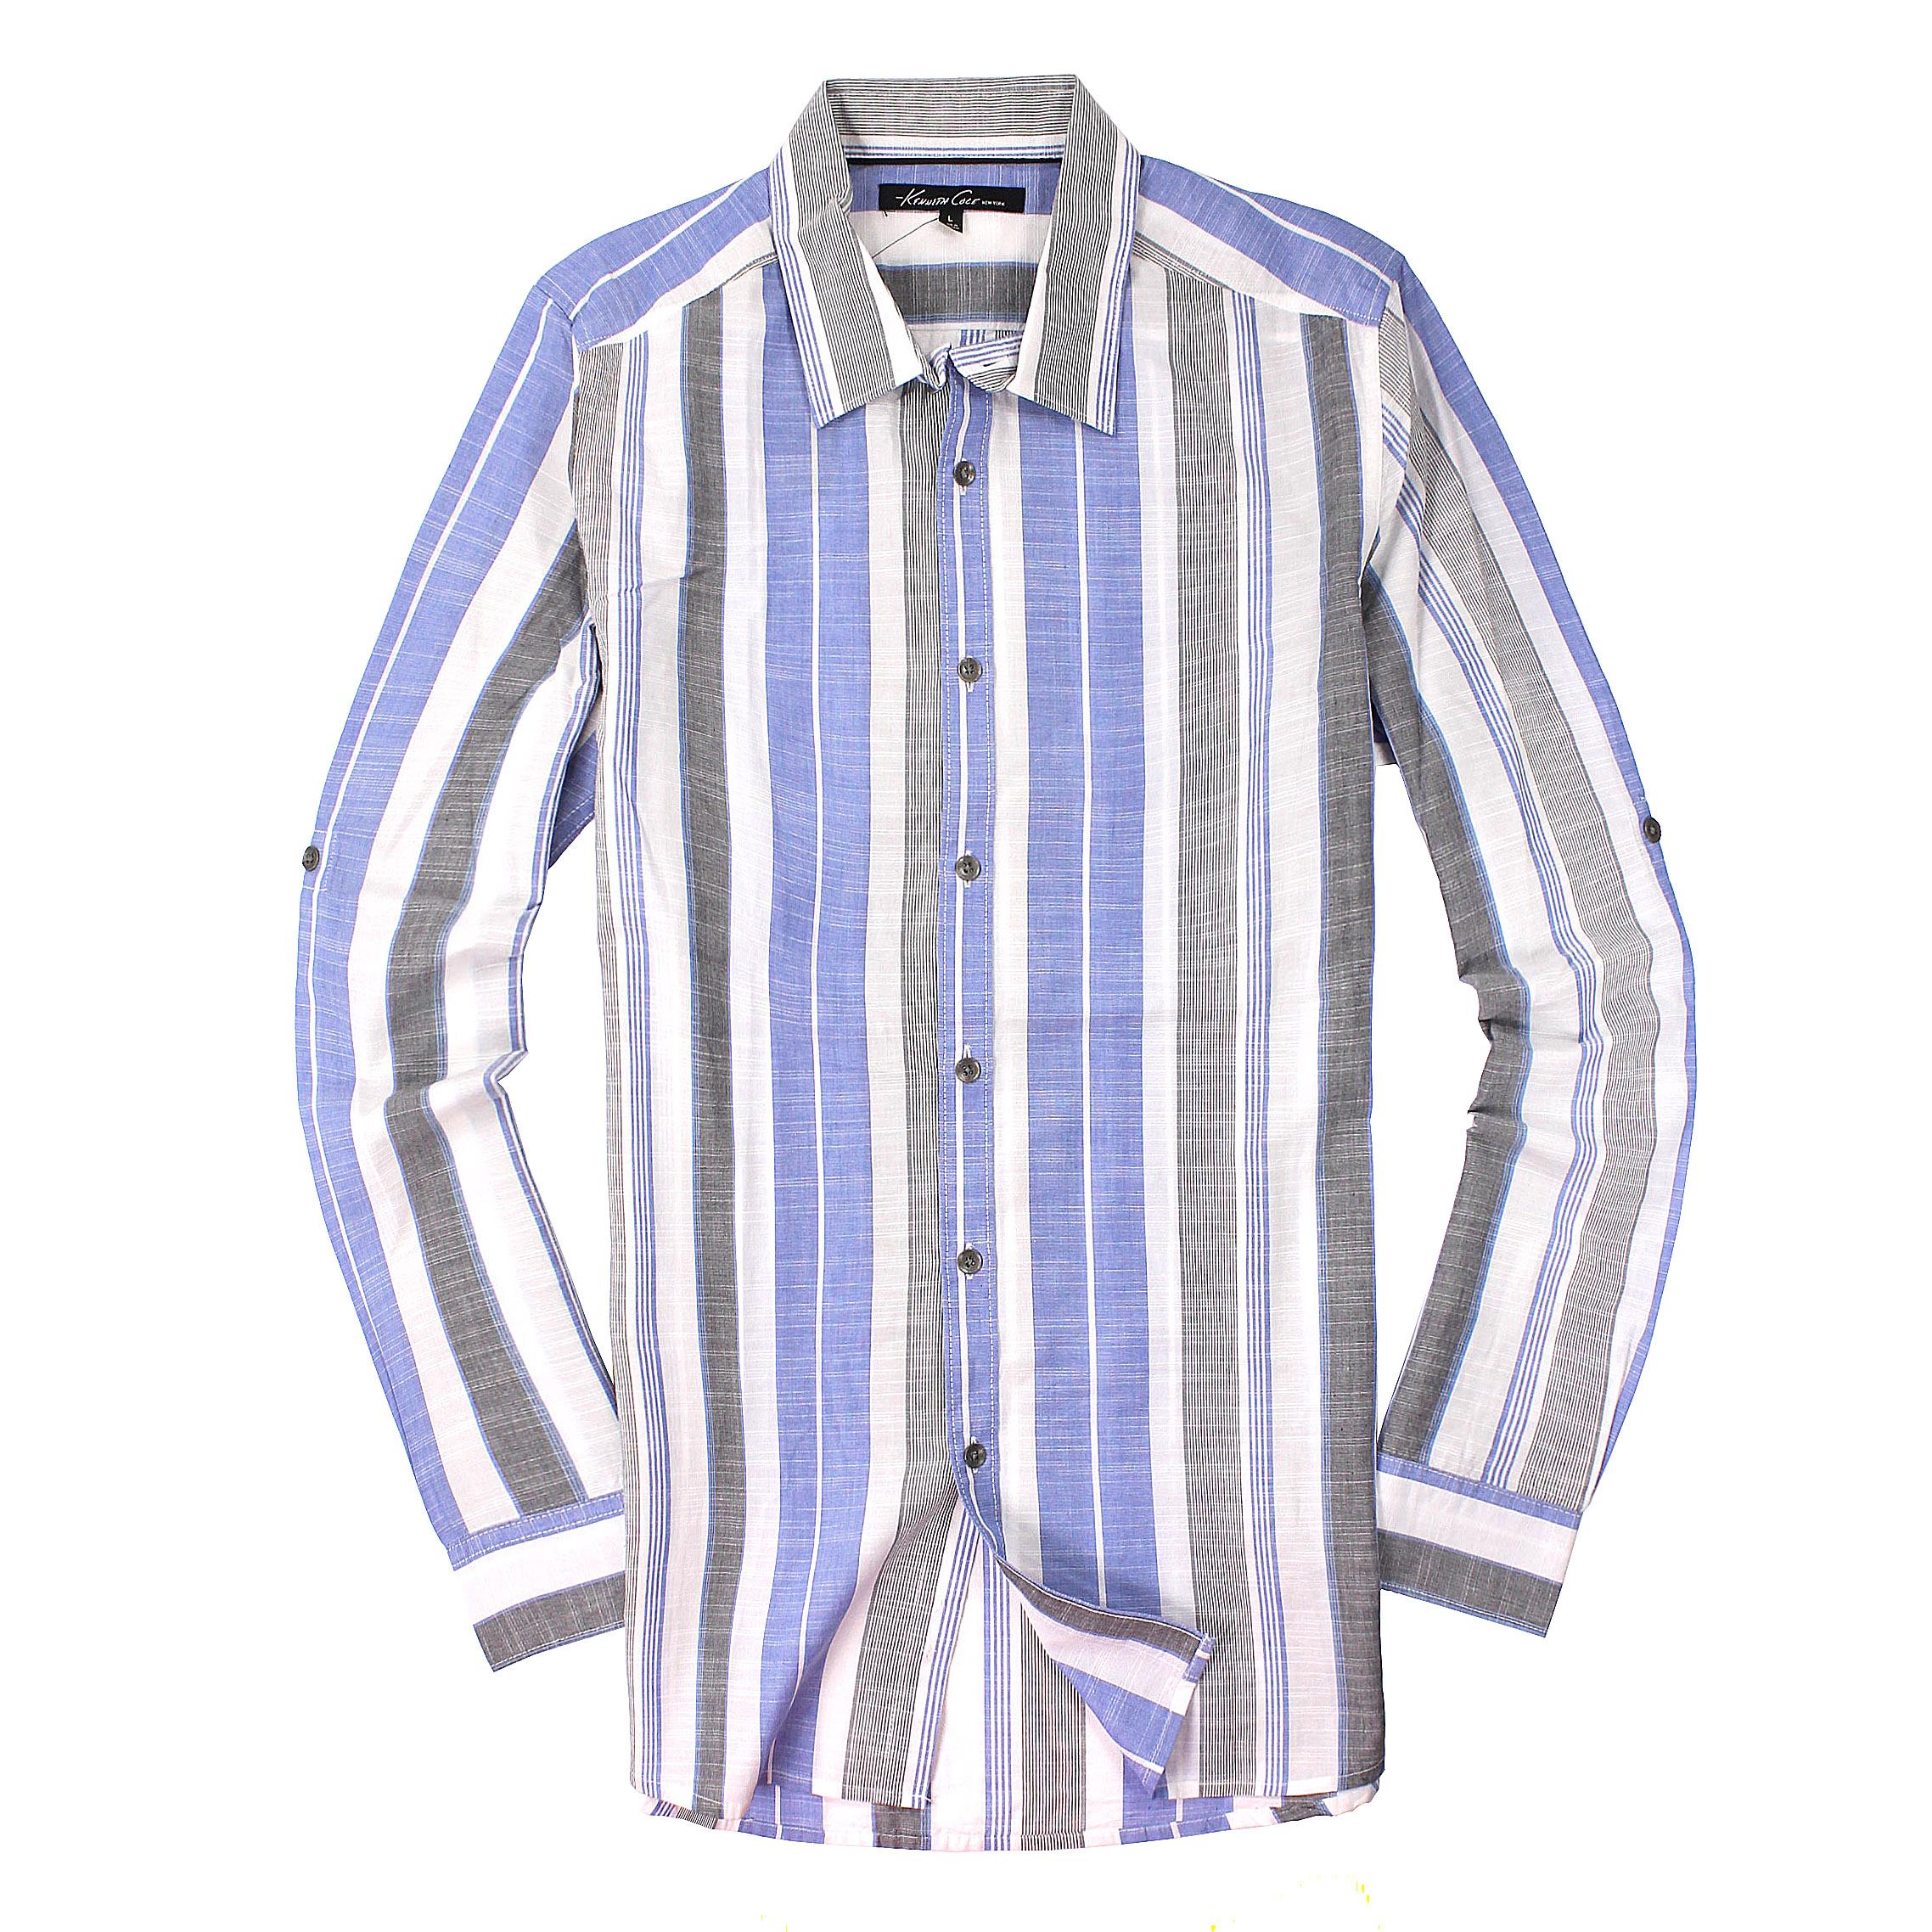 美國百分百【全新真品】Kenneth Cole 襯衫 KC 上衣 長袖 線條 雙口袋 灰 藍 薄紗 純棉 男衣 L號 C552